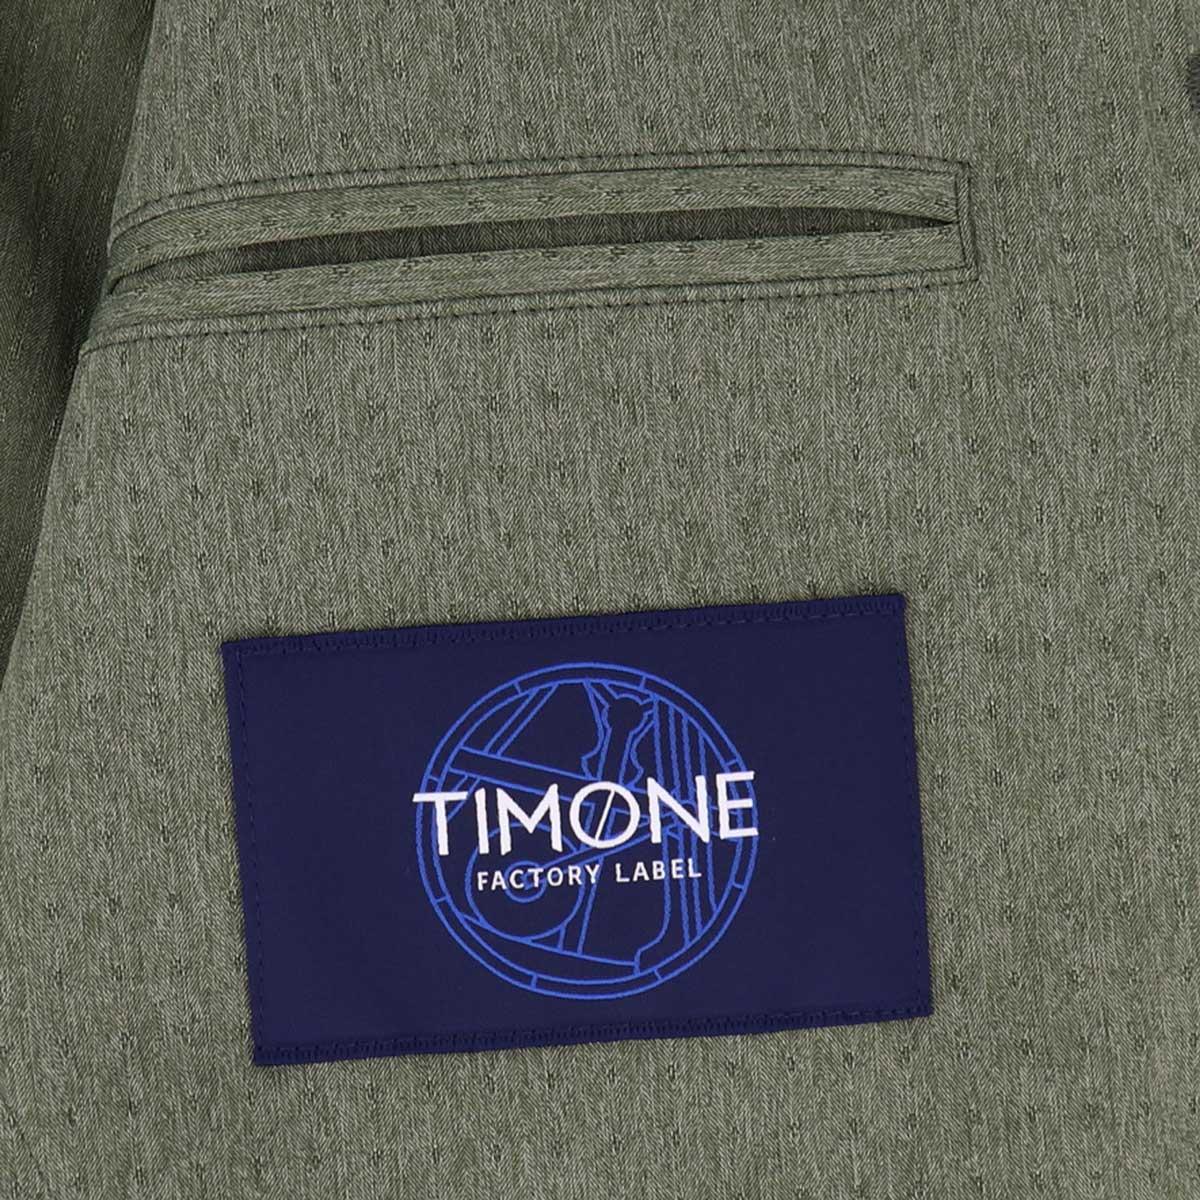 【クリアランスセール】ティモーネ Timone メンズ 撥水ナイロン ドットストライプ エアリーストレッチ サマー サファリジャケット TM0807123(グリーン)【返品交換不可】